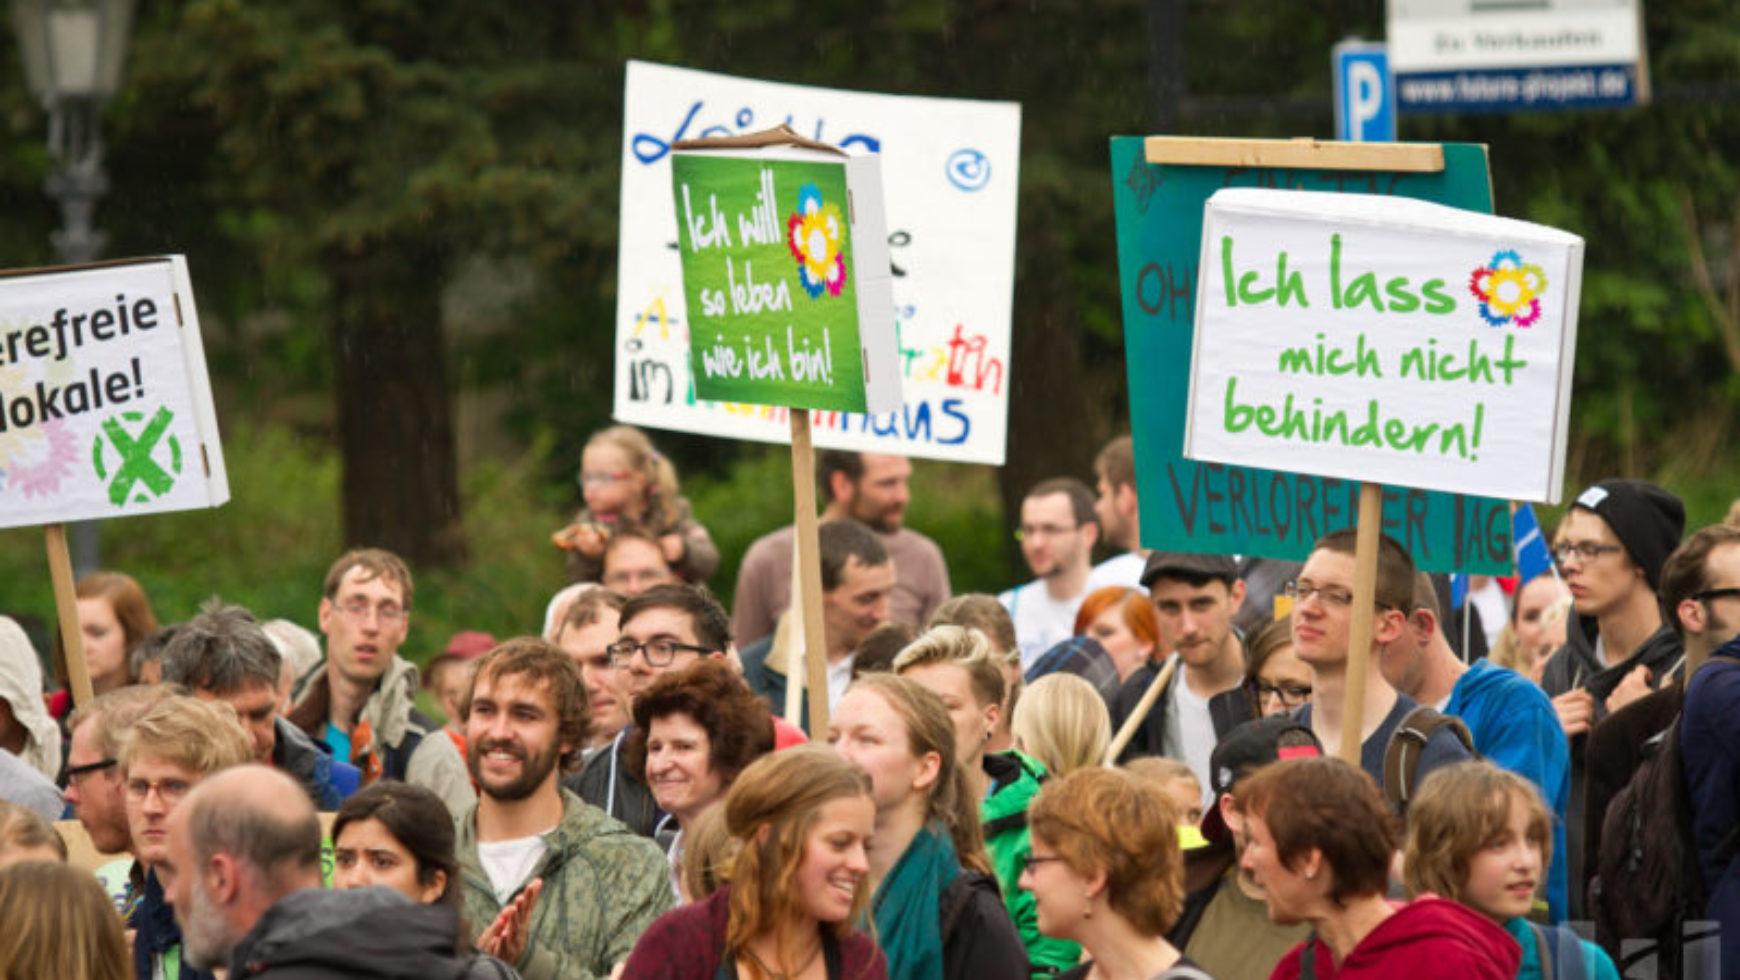 Parade der Vielfalt 8.0